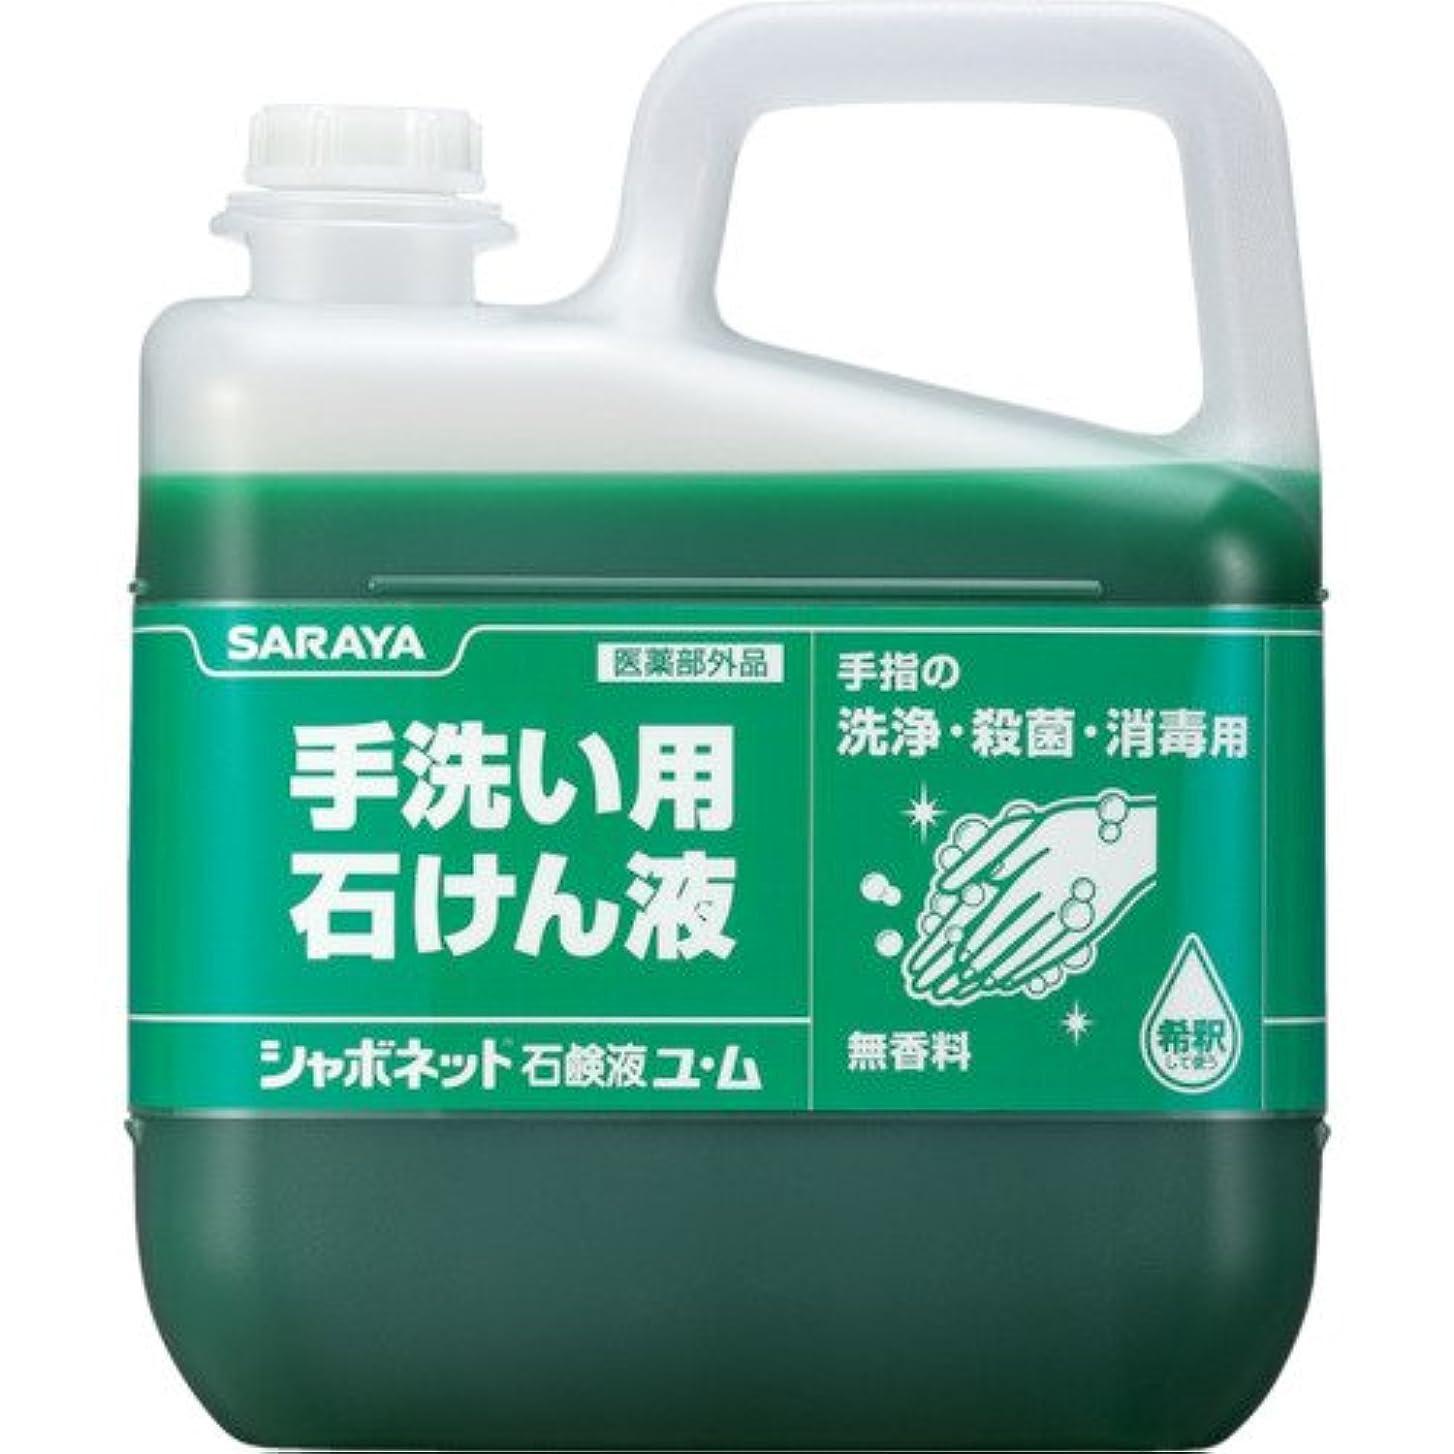 火山の地元スペルサラヤ ハンドソープ シャボネット石鹸液ユ?ム 5kg